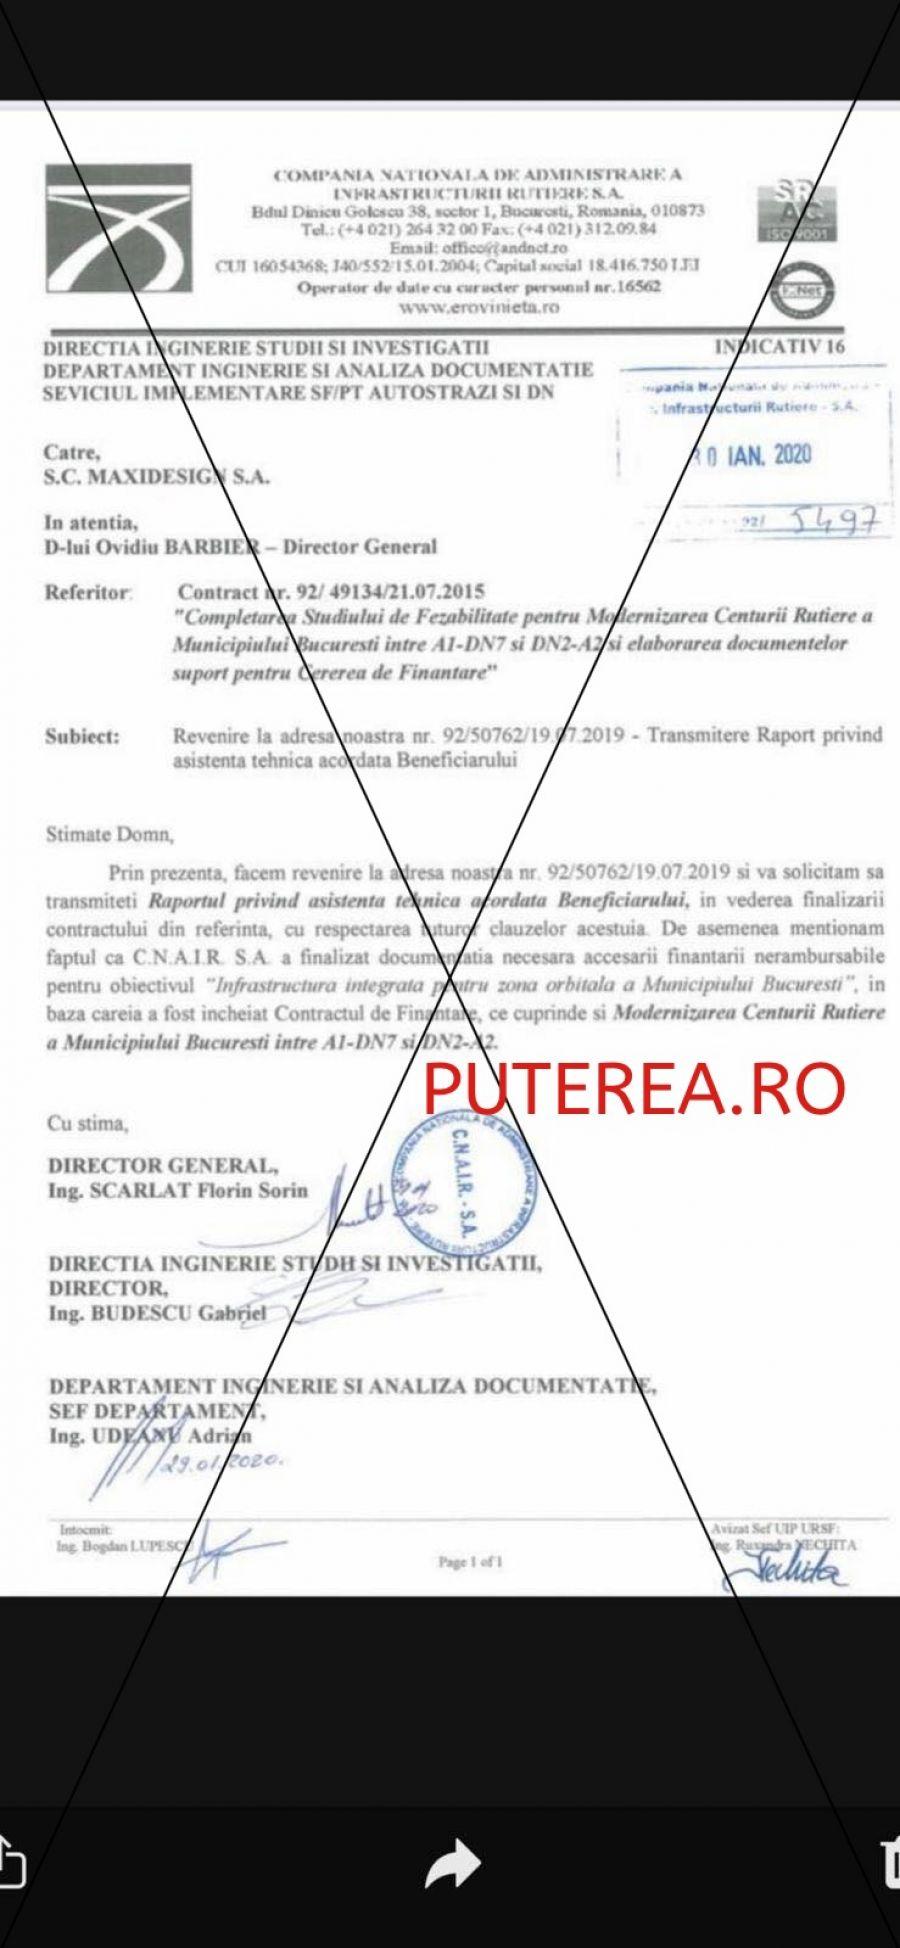 EXCLUSIV. Ovidiu Barbier, șeful de la CNAIR care își facturează singur milioane de euro din vistieria CNAIR